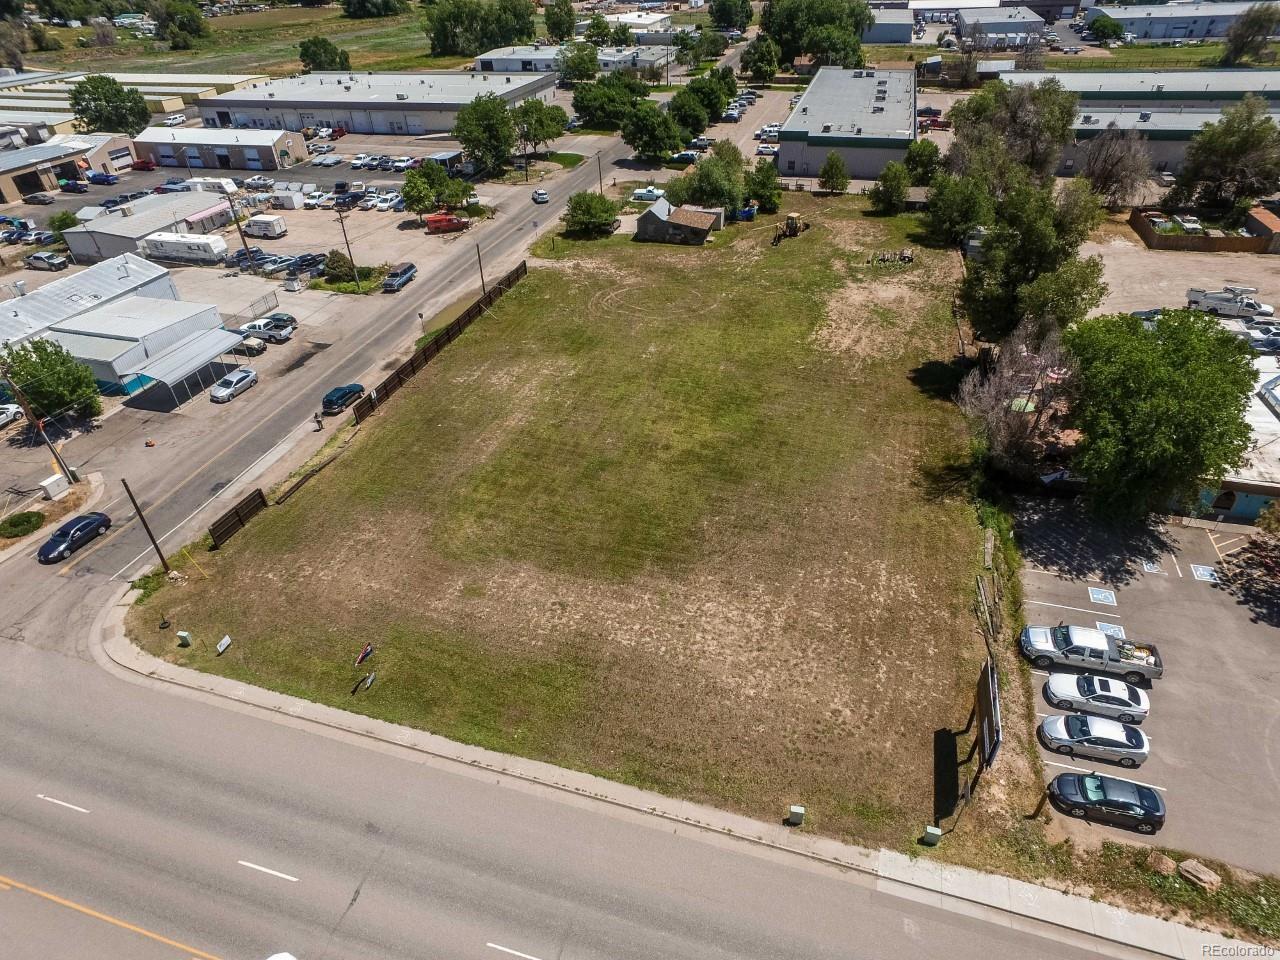 336 8th SE Street, Loveland, CO 80537 - Loveland, CO real estate listing